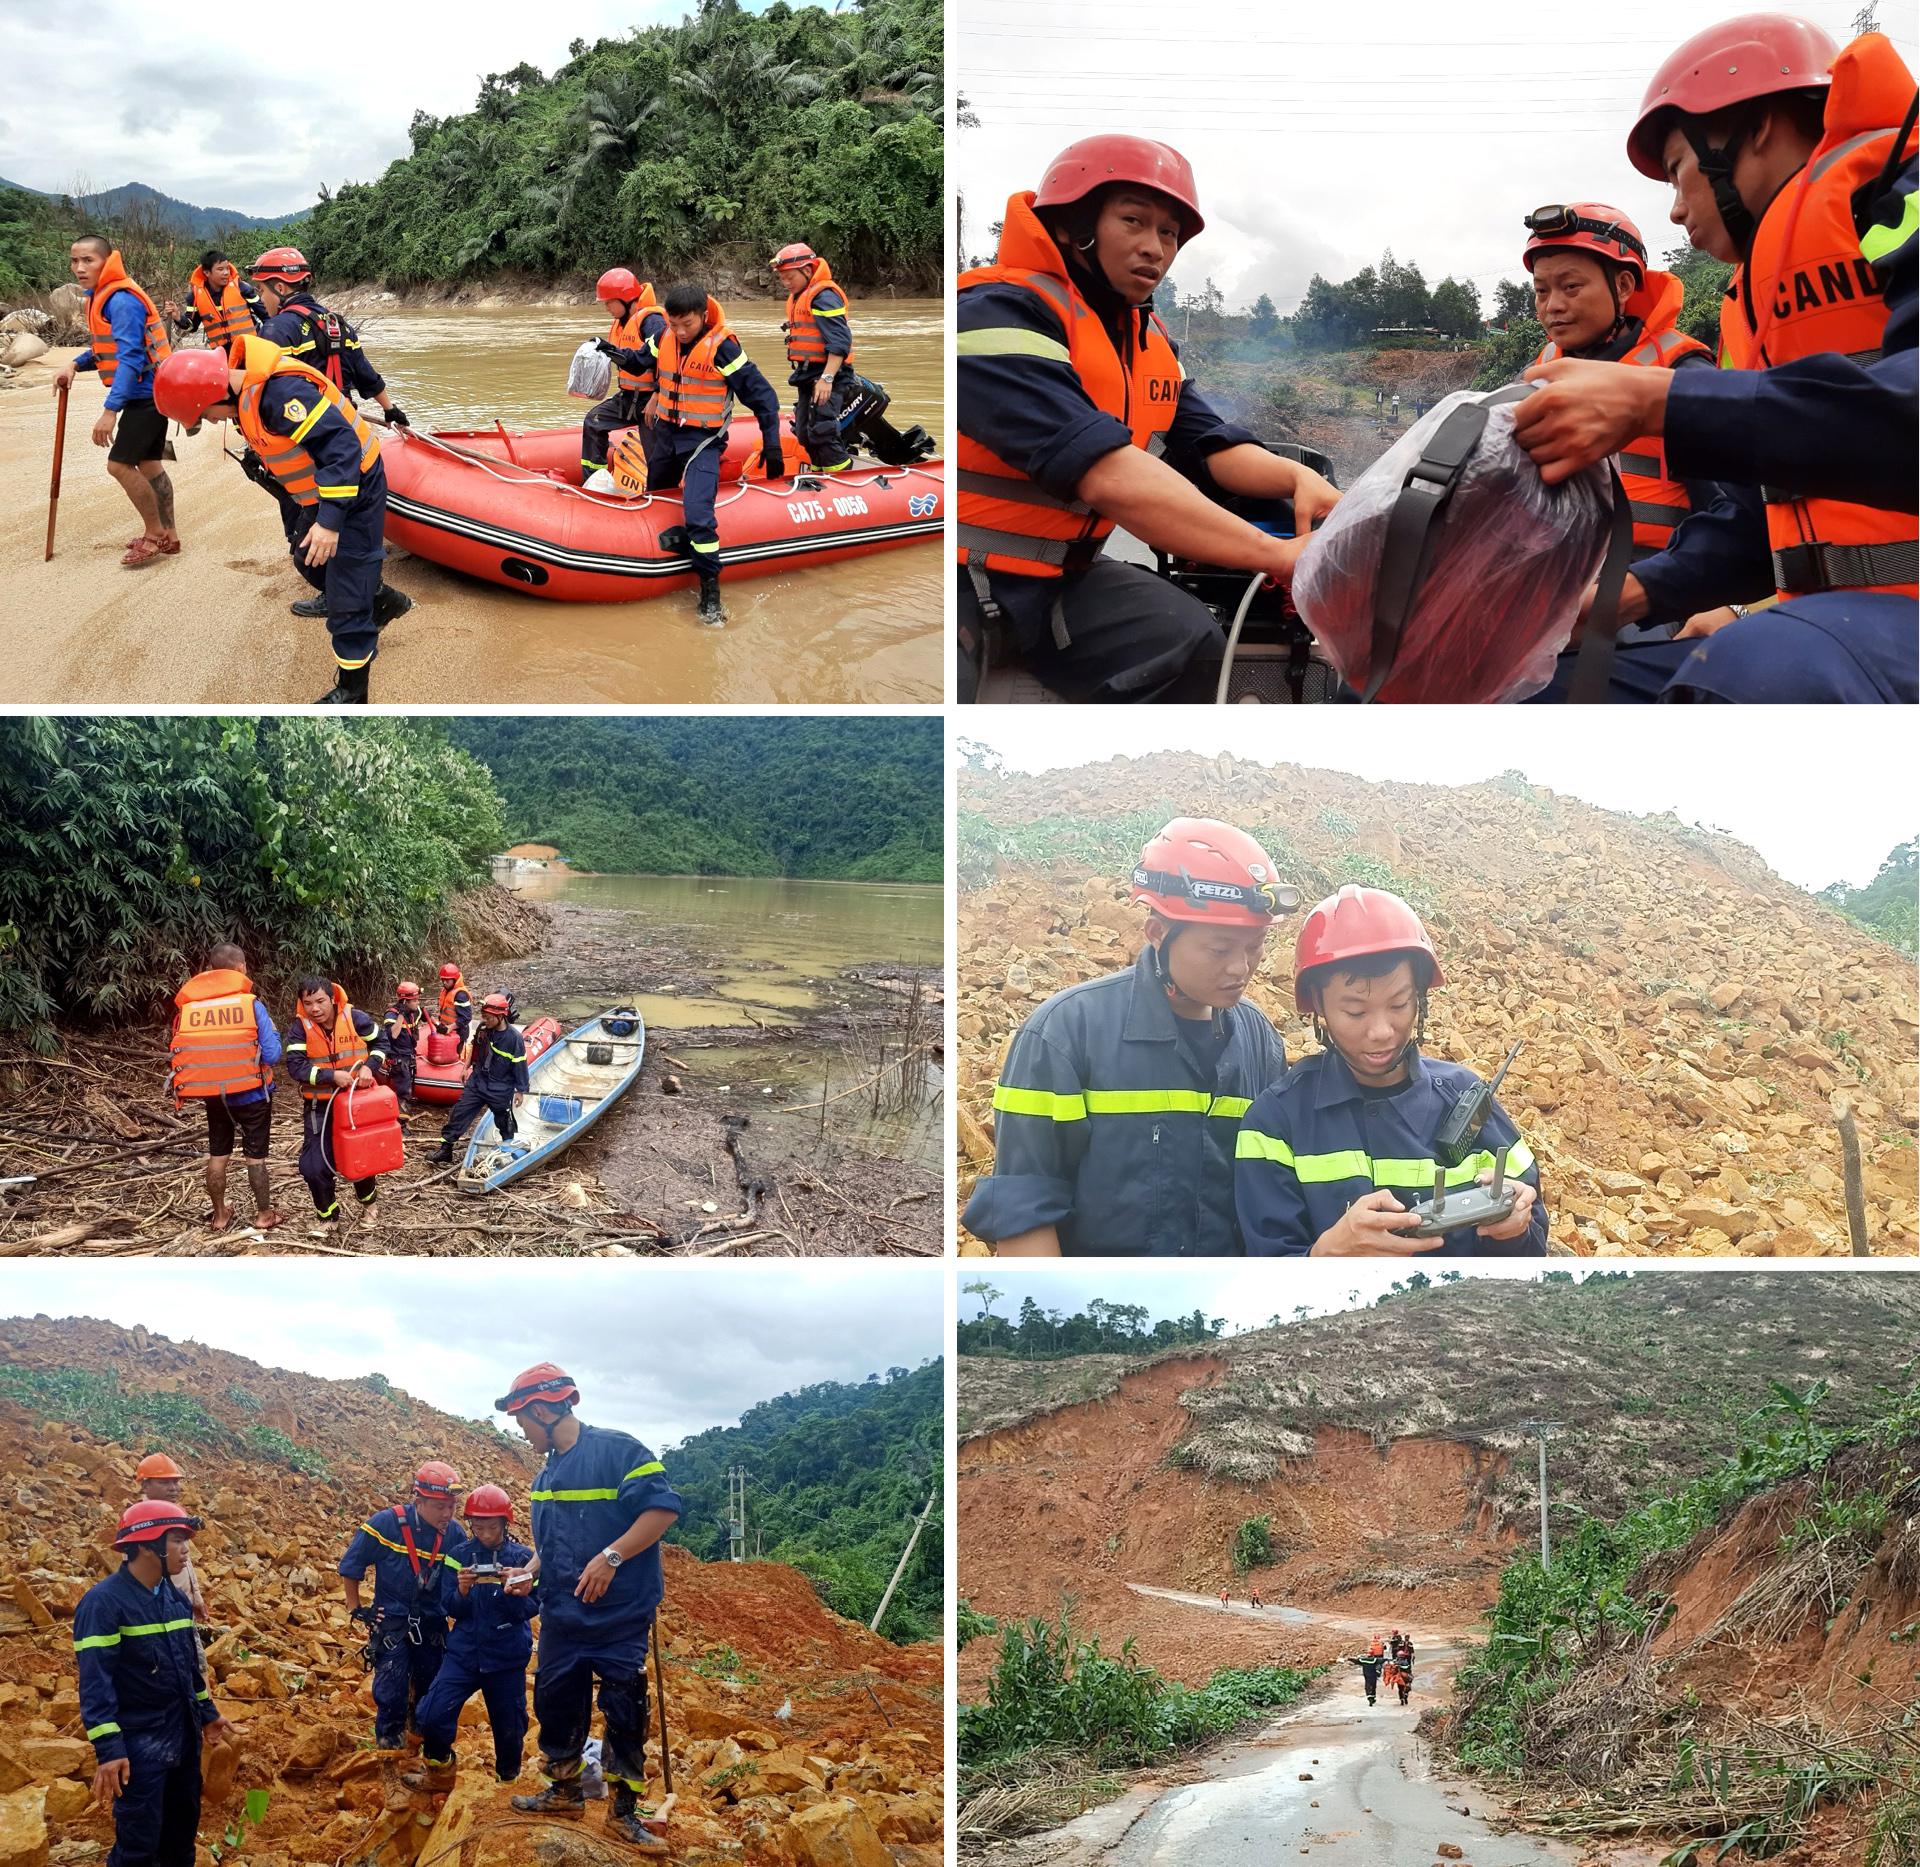 Toàn cảnh cuộc vượt rừng tìm kiếm, cứu nạn người mất tích ở Rào Trăng 3 ảnh 15